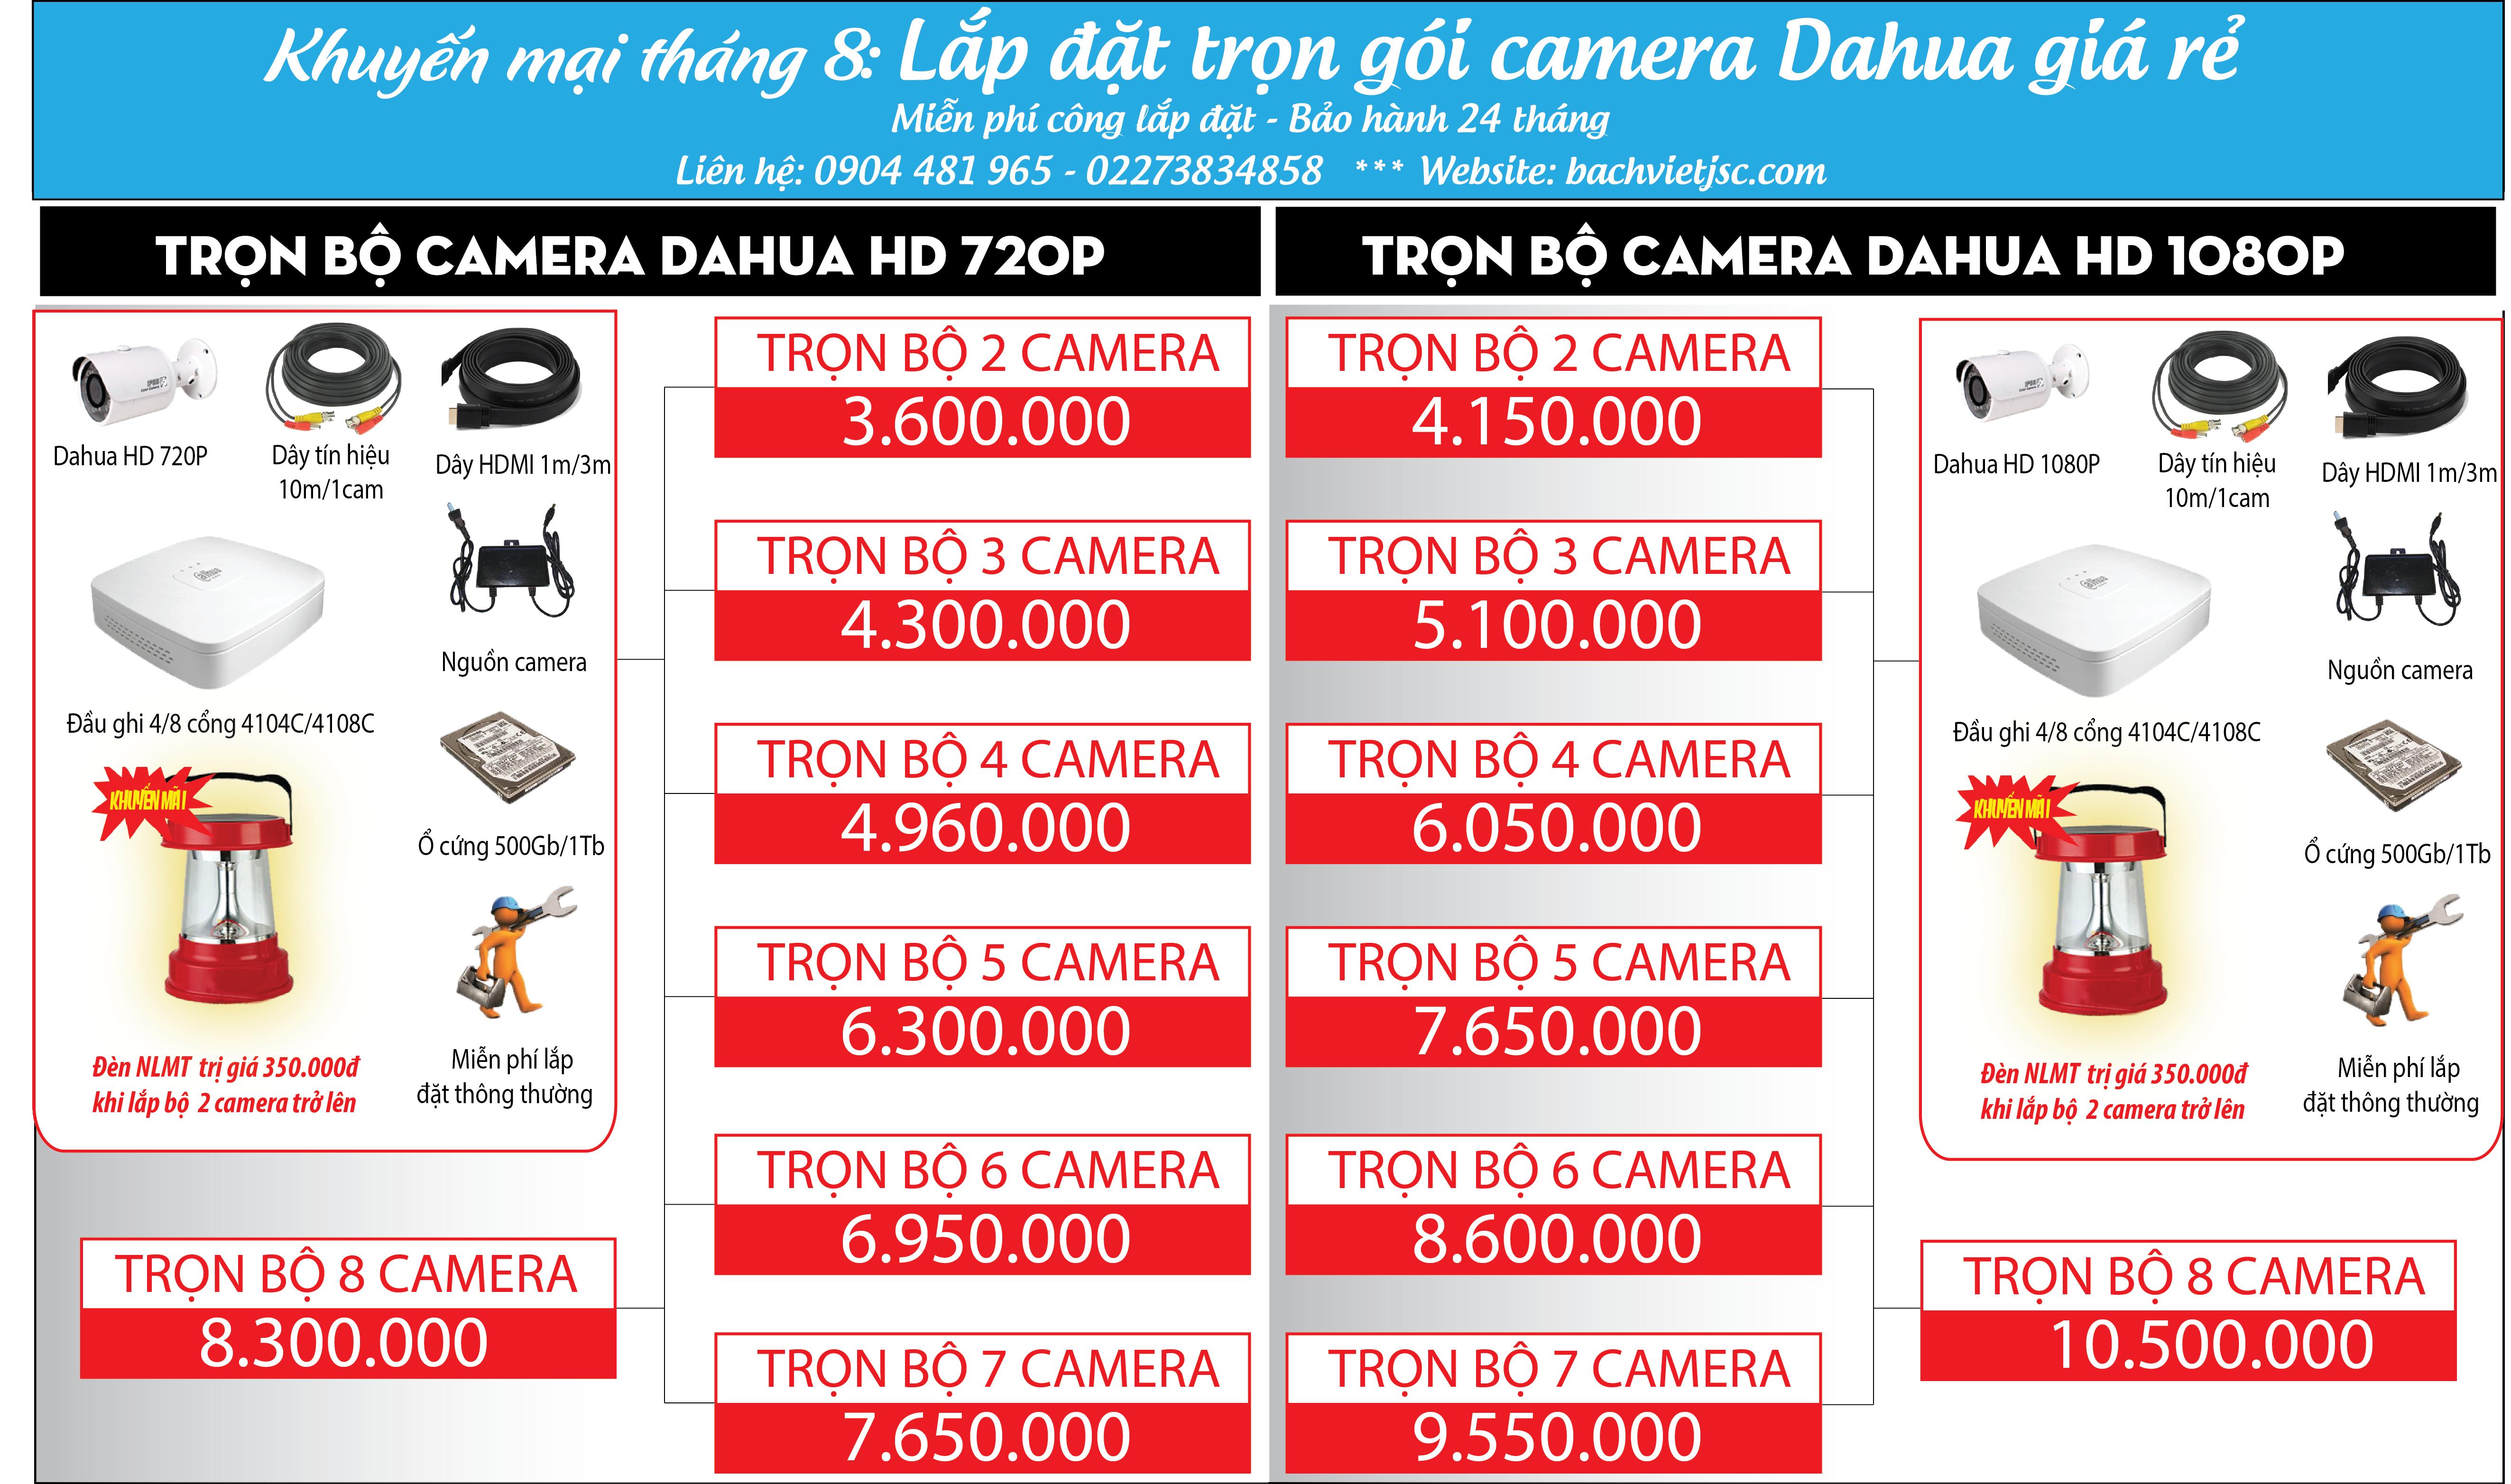 báo giá camera tháng 9